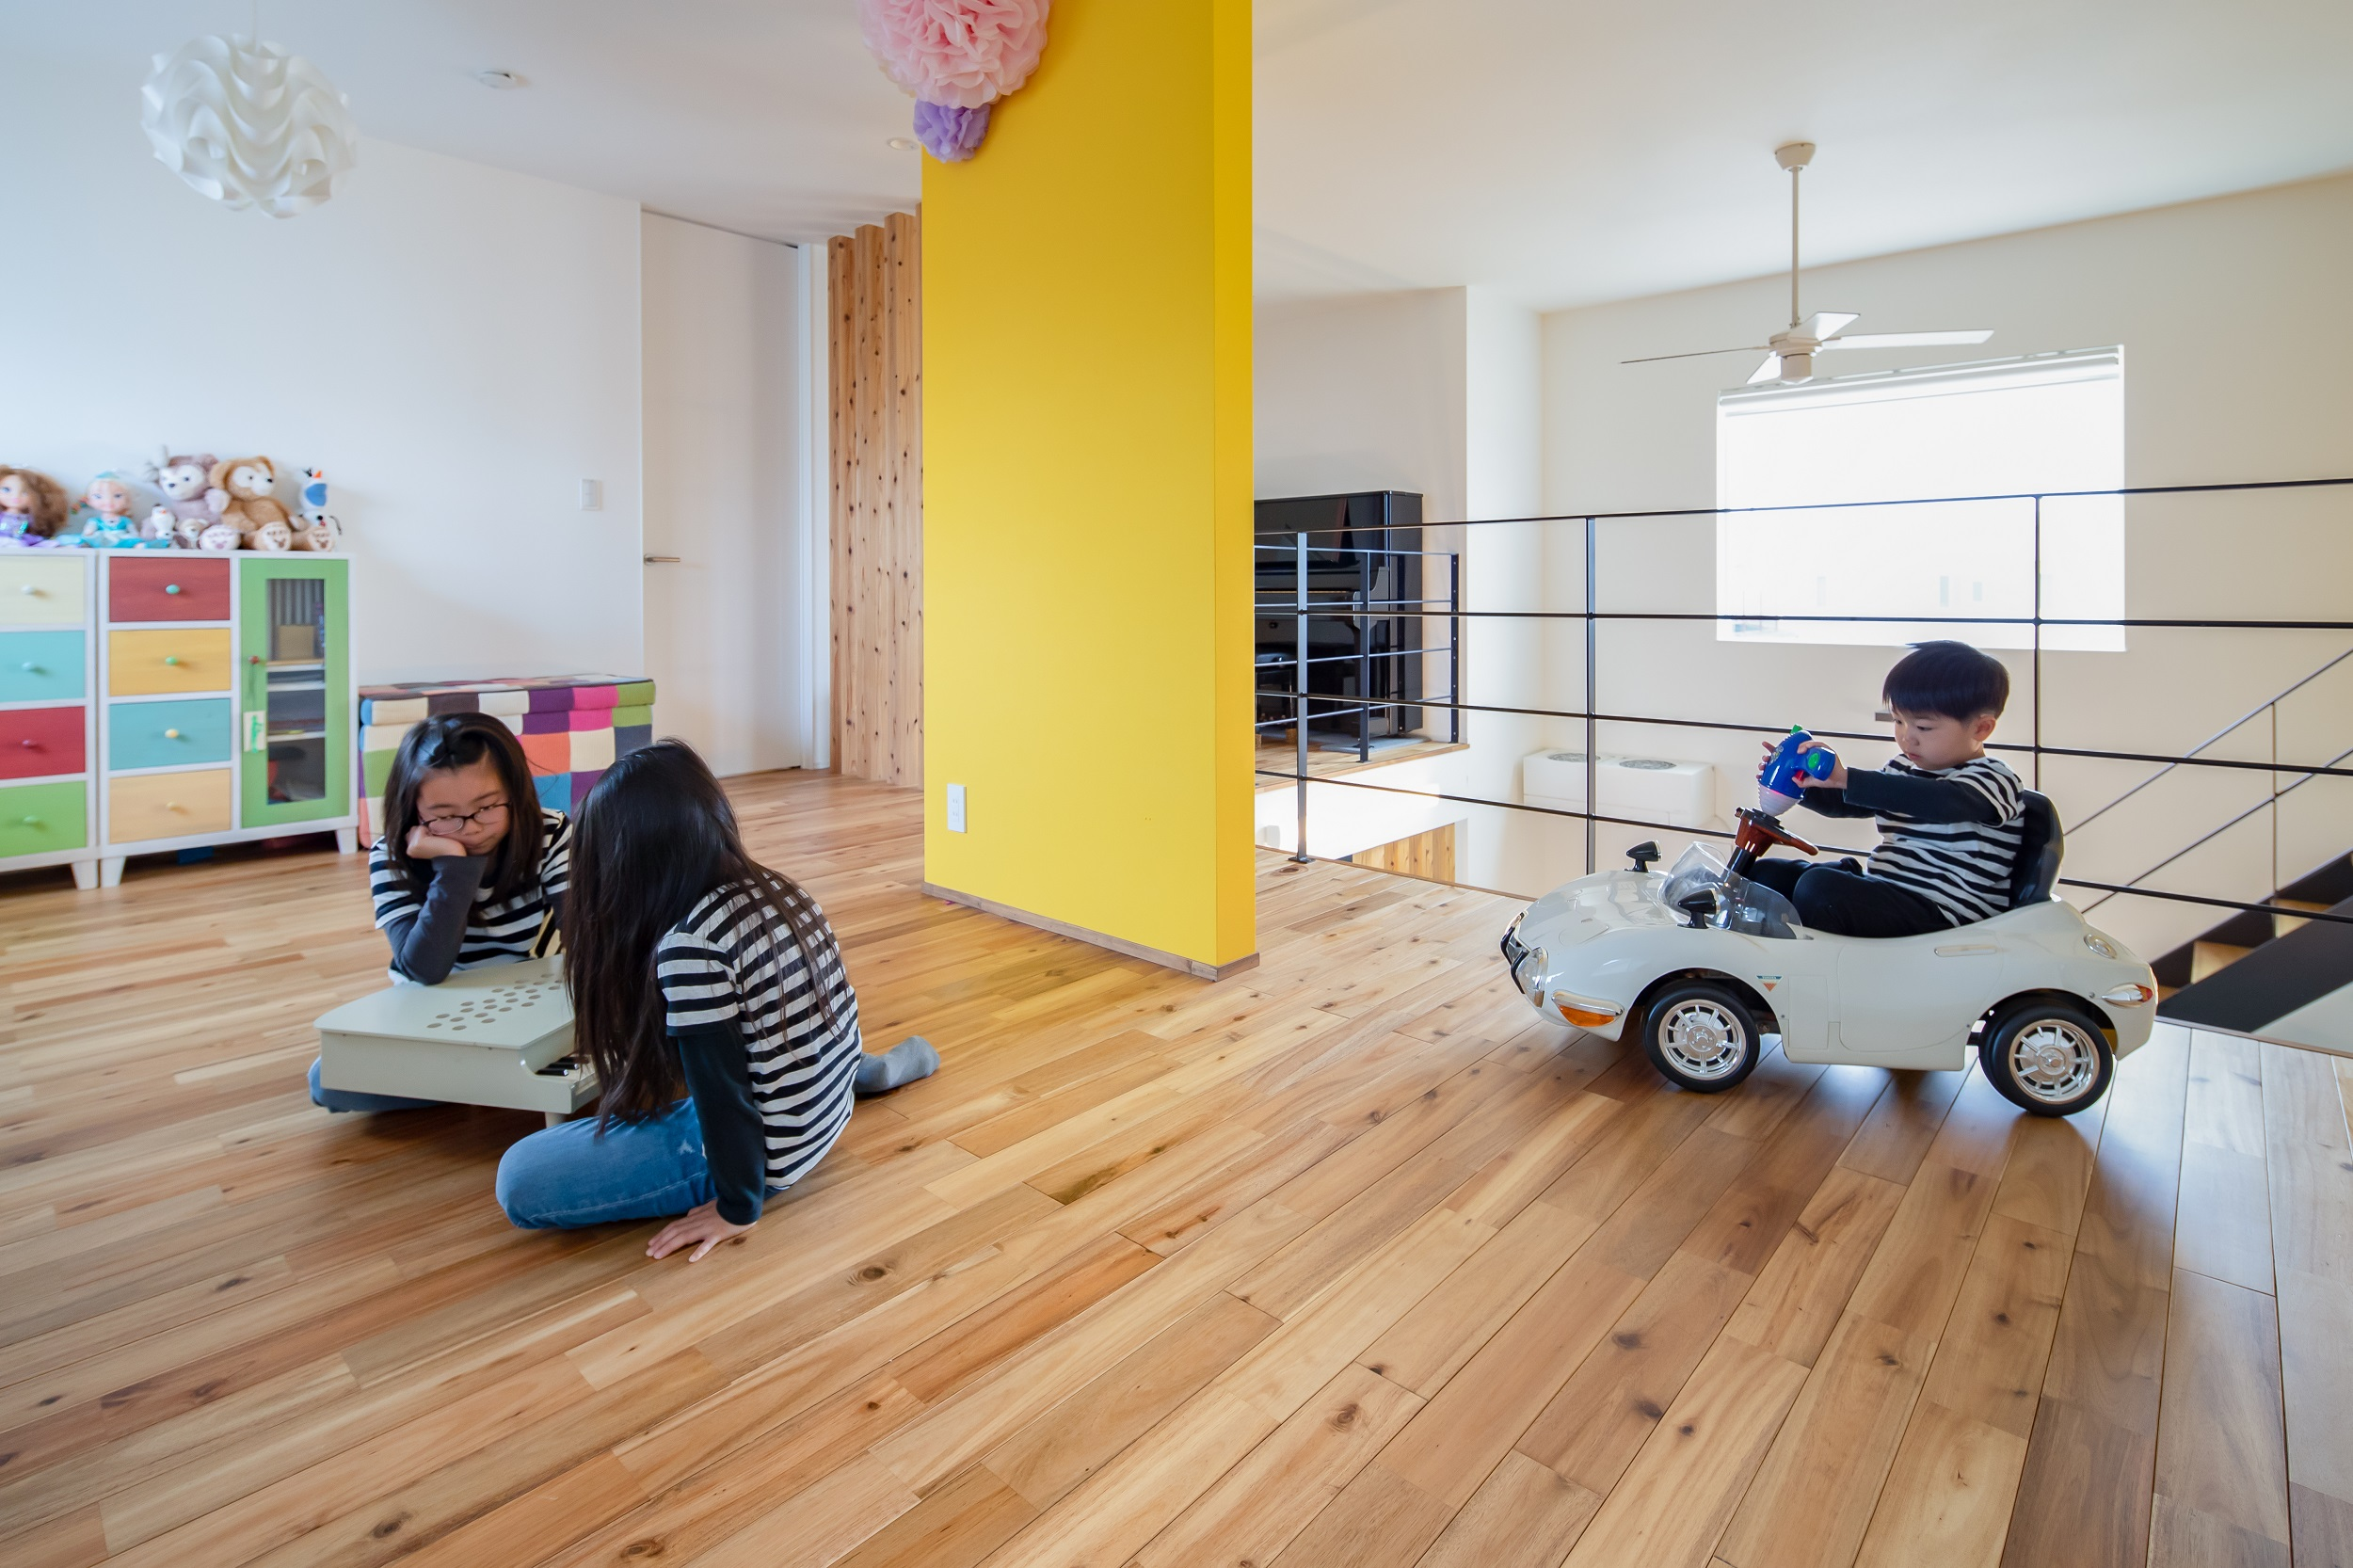 S.CONNECT(エスコネクト)【デザイン住宅、子育て、建築家】2階のフリースペースで元気いっぱいに遊ぶ子どもたち。イエローのアクセントウォールは目隠しにちょうどいい位置にあり、圧迫感がないサイズが絶妙。無垢の床の温もりが素足にやさしく、座り込んだり、寝転がって遊んだりしても気持ちいい